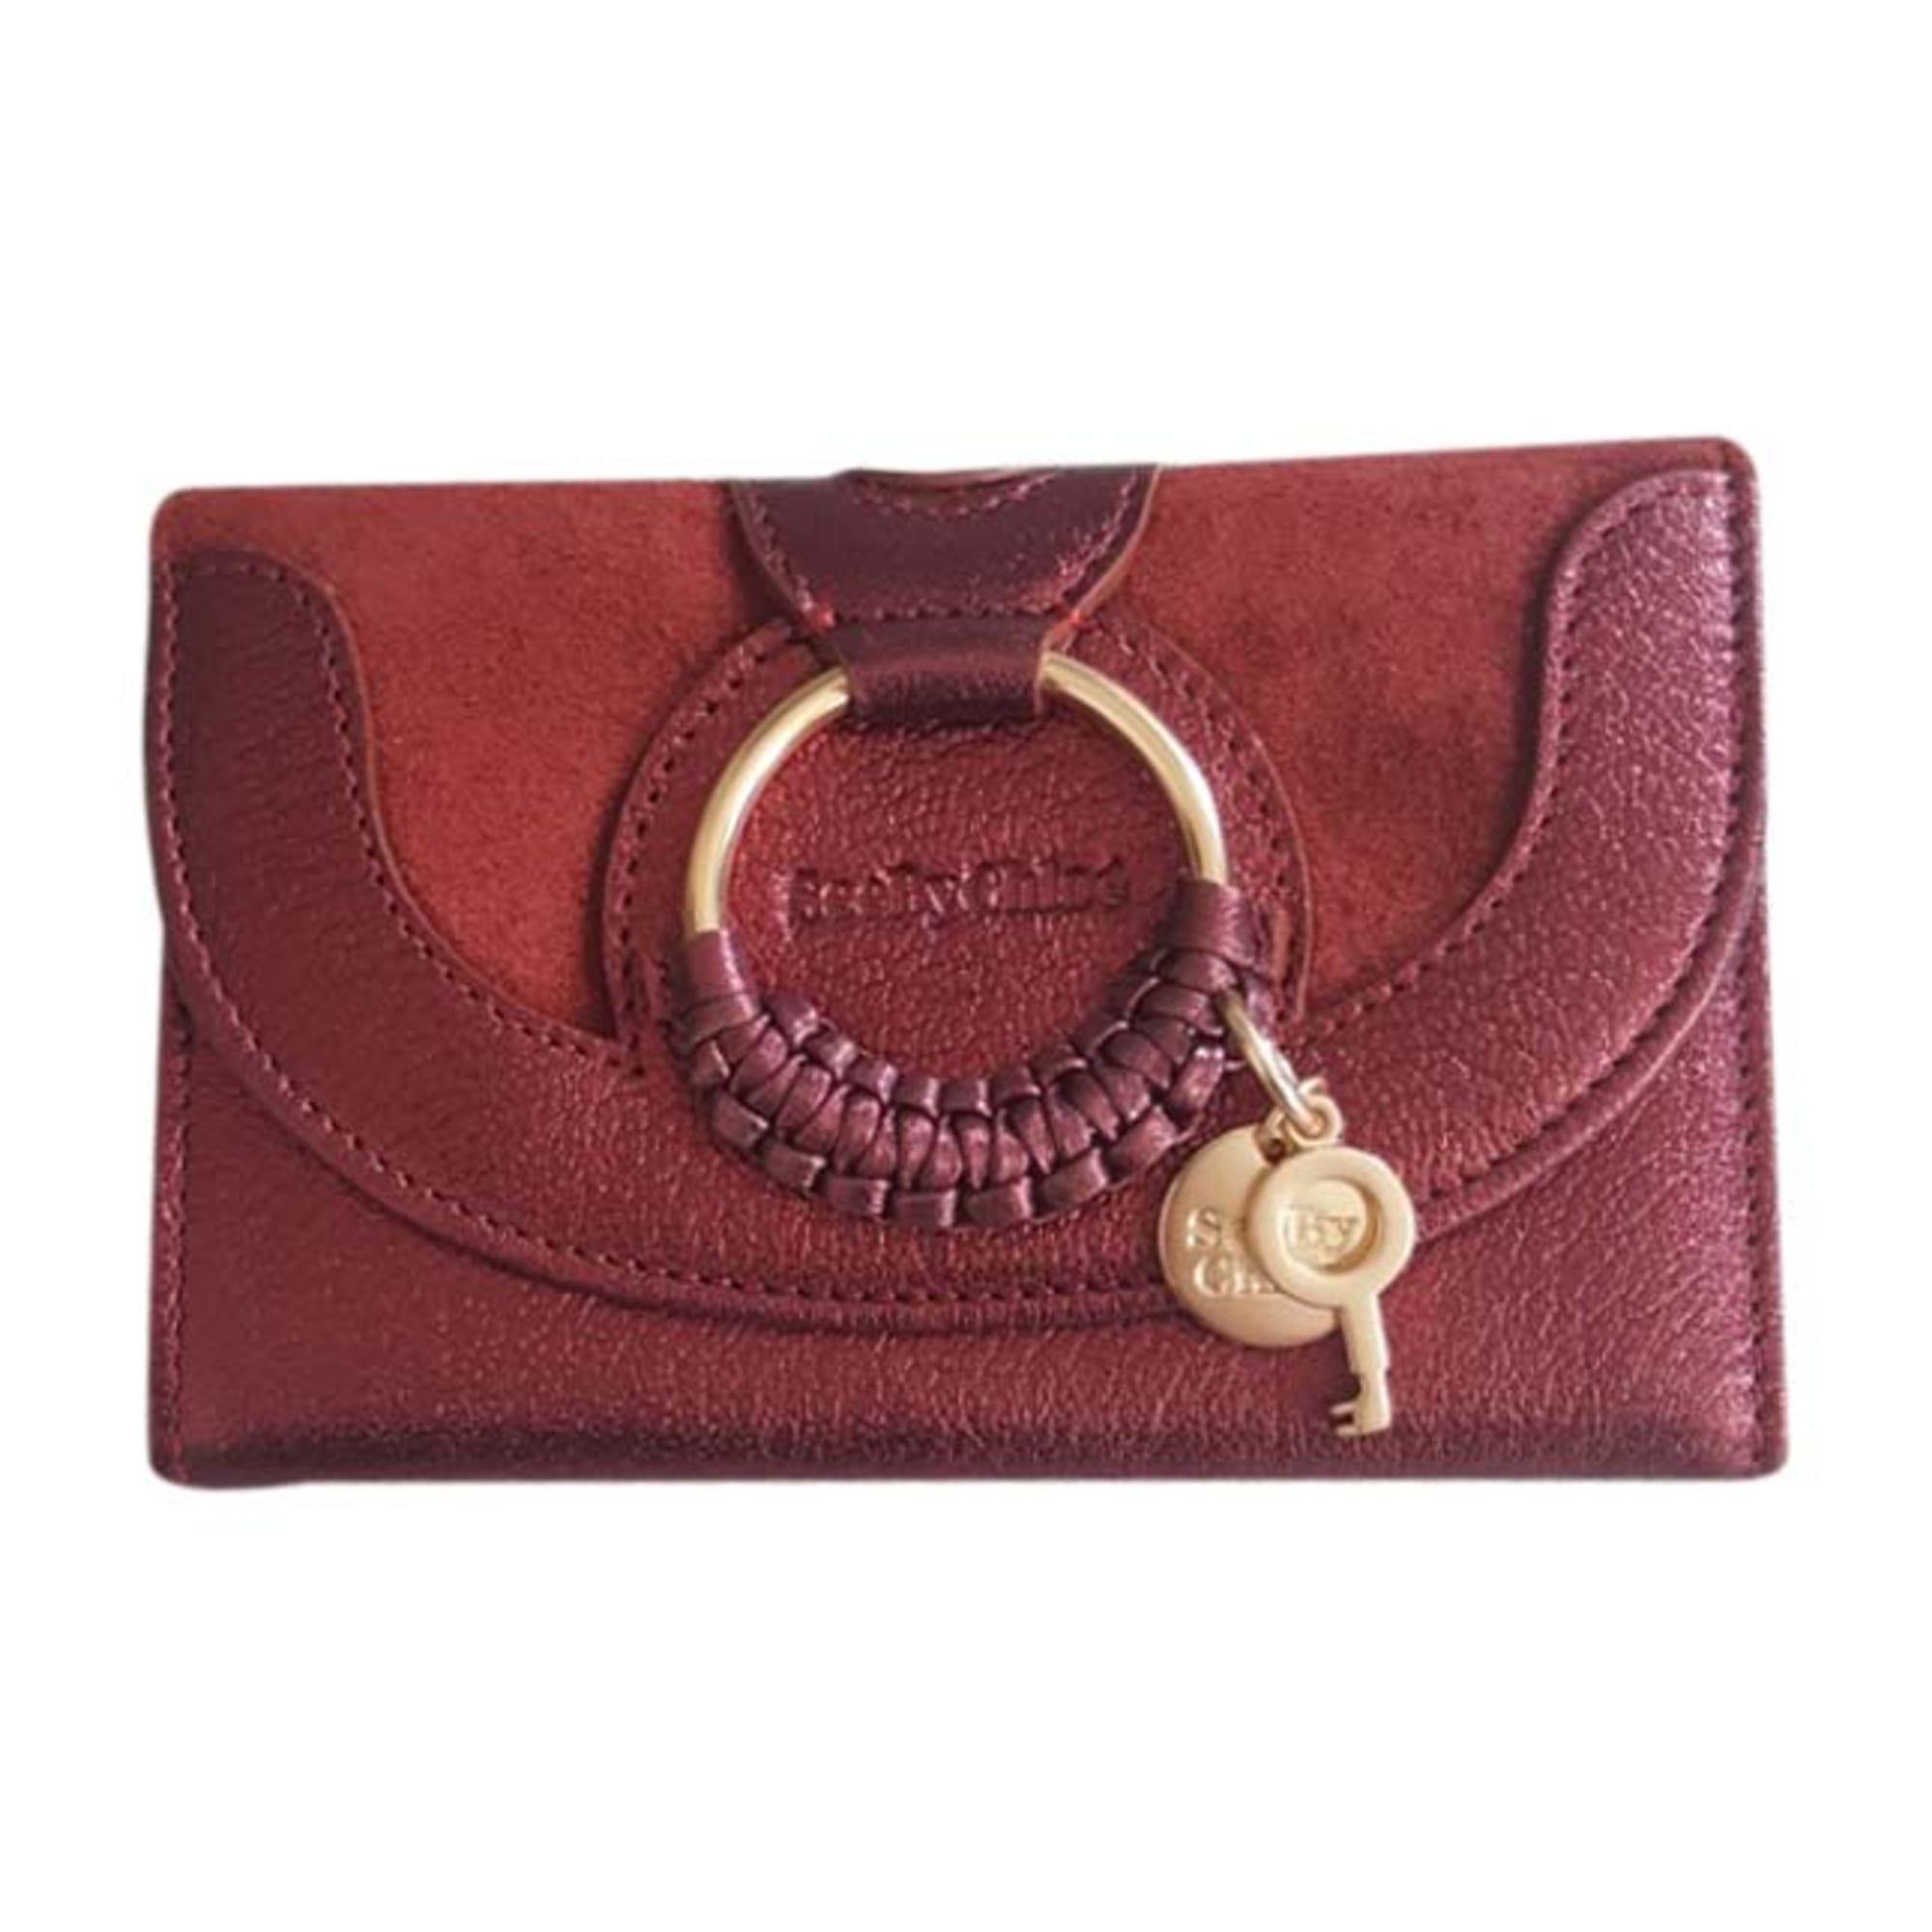 Portefeuille SEE BY CHLOE rouge vendu par D amatalar3457966 - 6928940 56ea8cff8ec